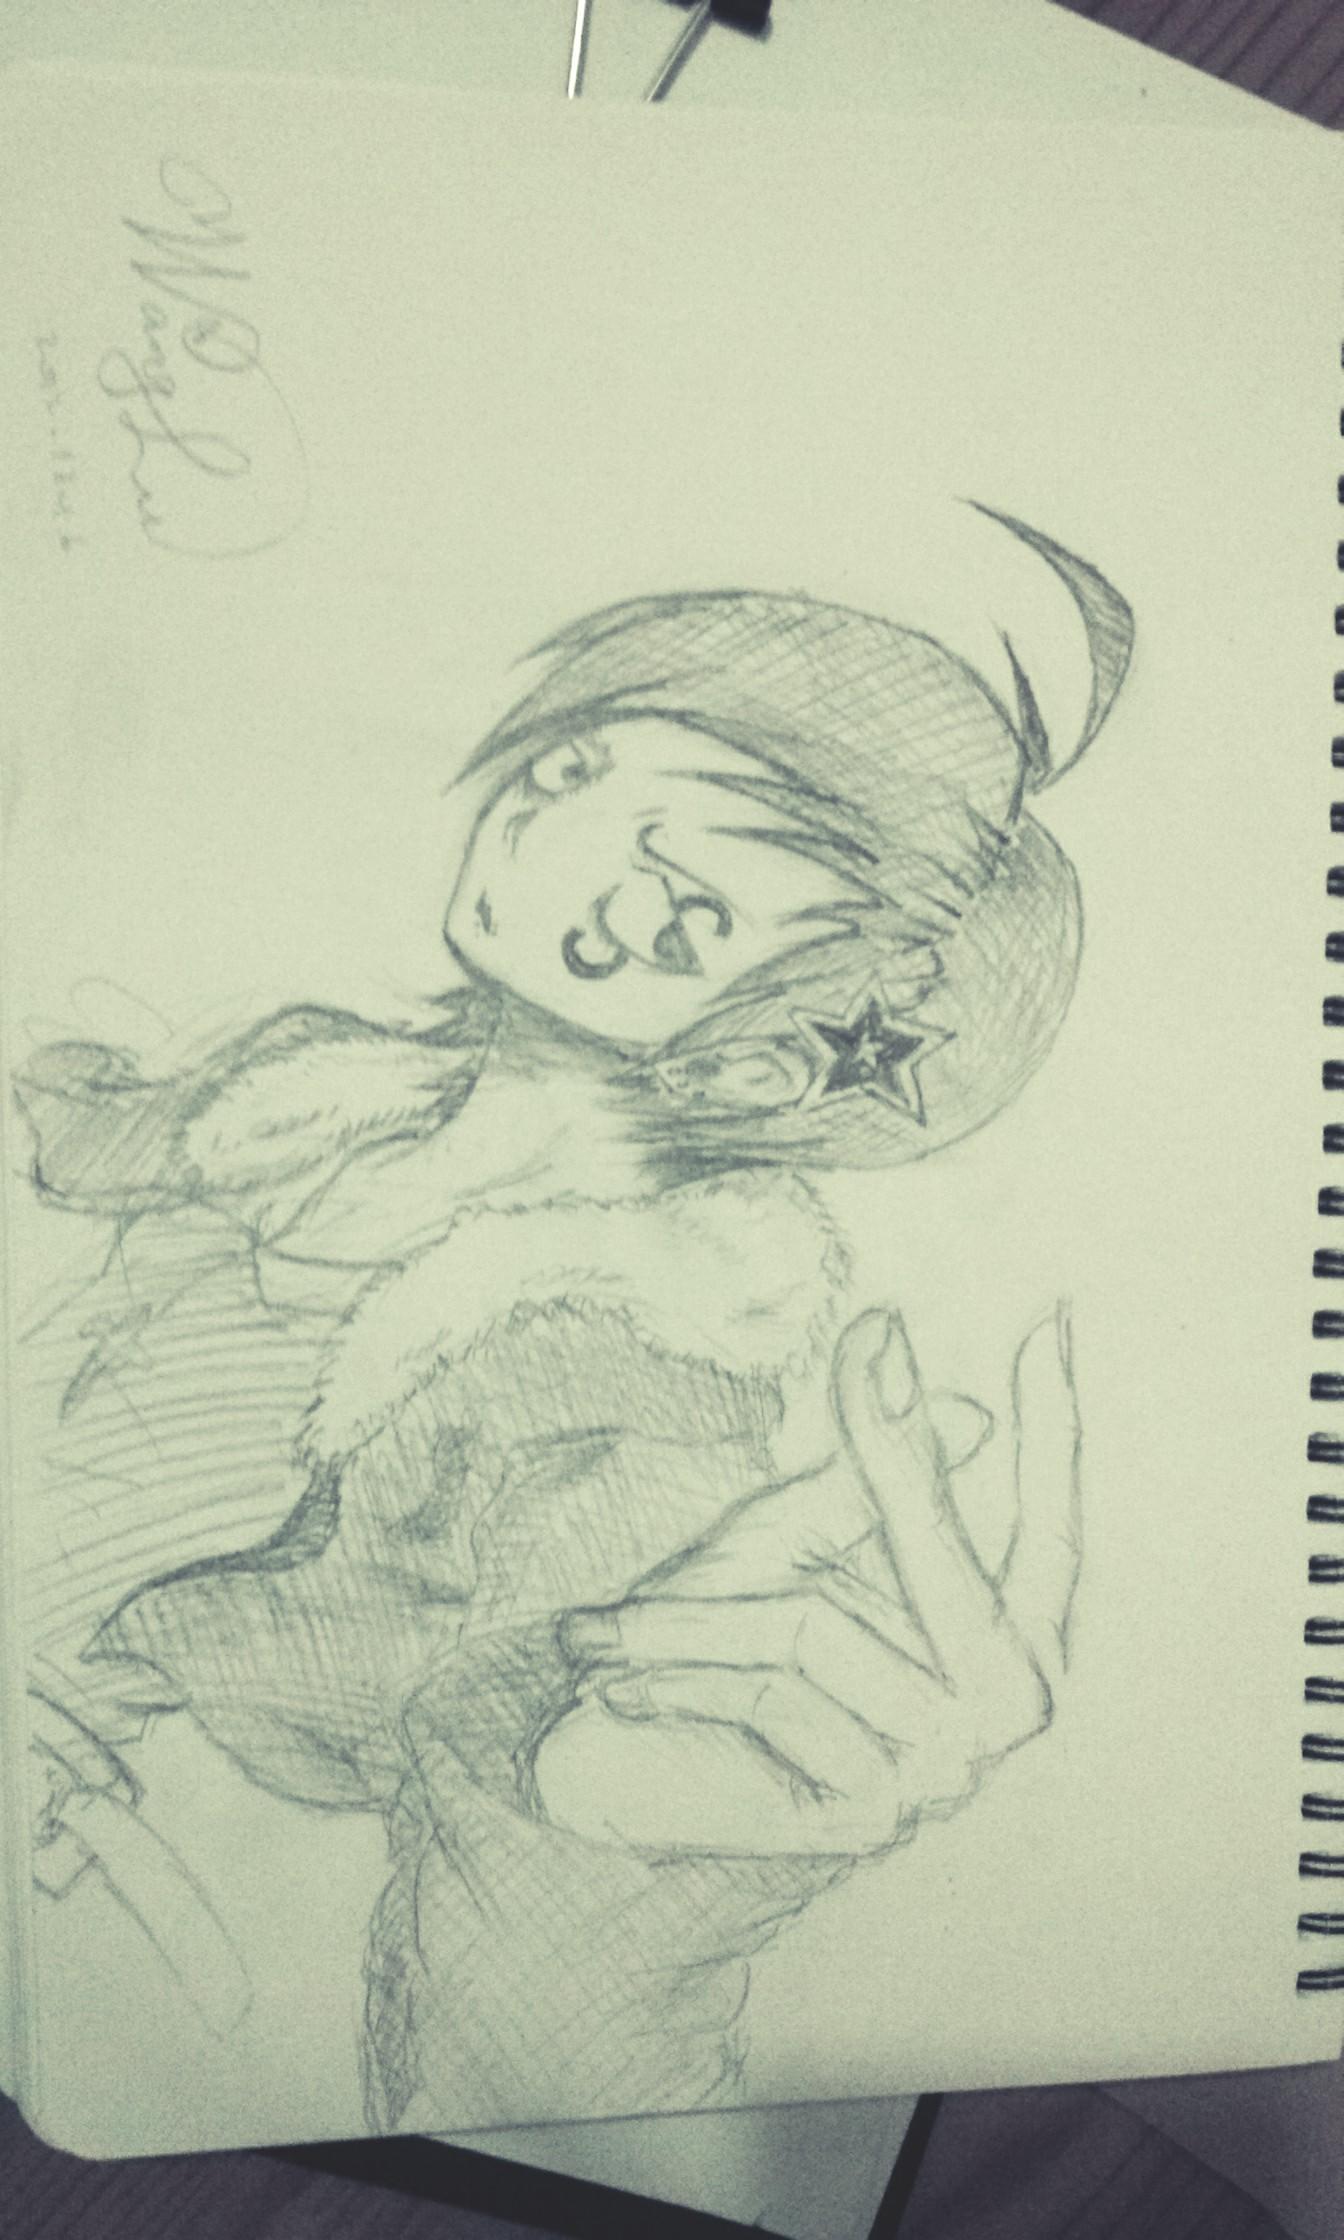 手绘线稿|插画|插画习作|若水以烟 - 原创作品 - 站酷